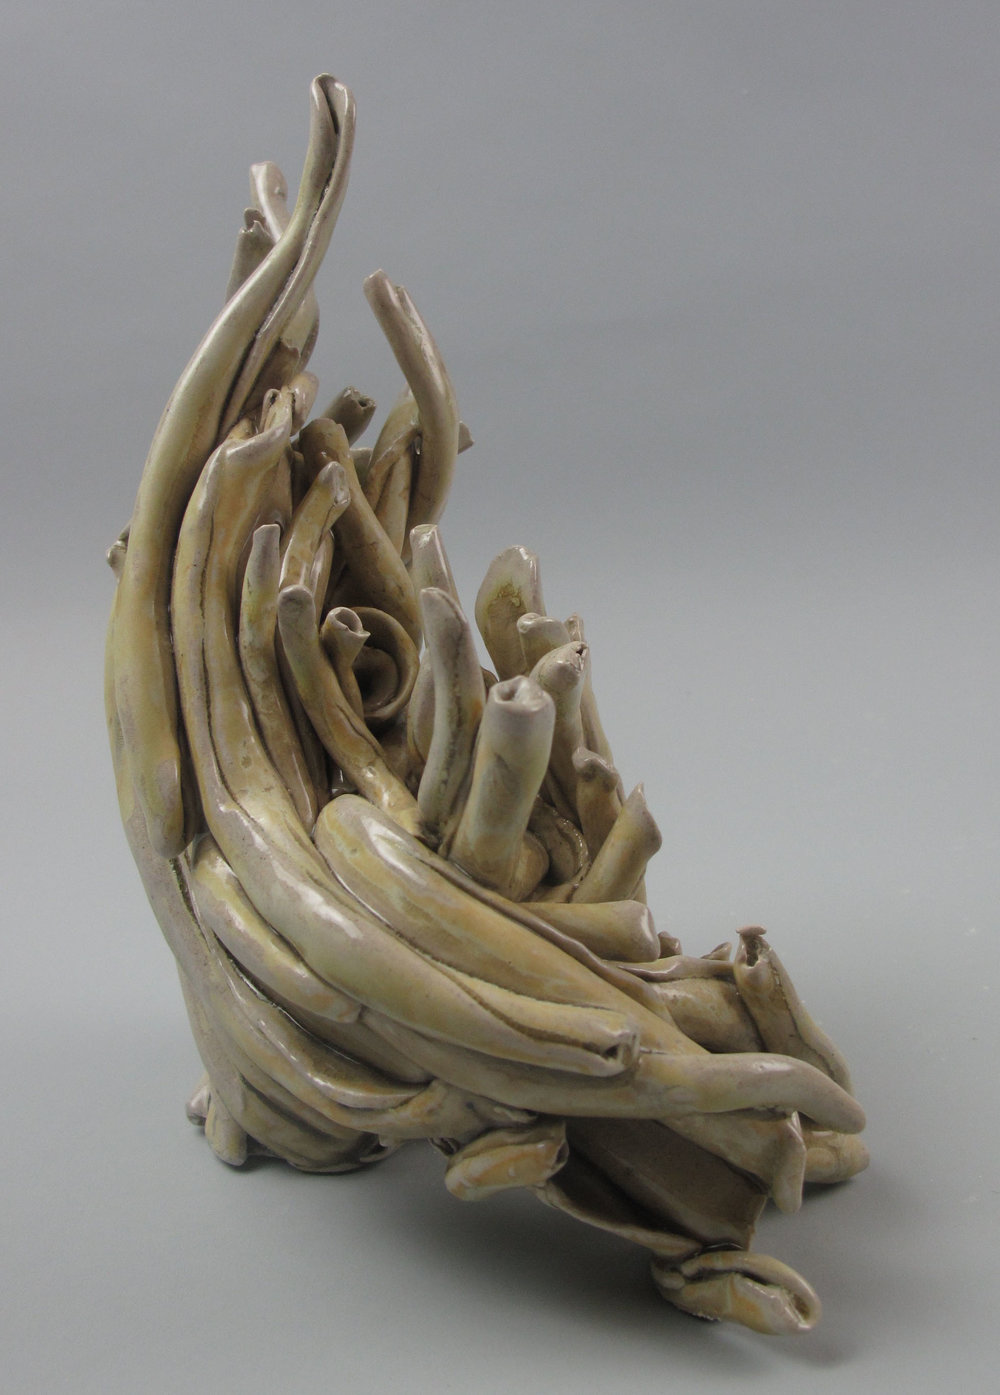 Sara Fine-Wilson,  Poodle , Stoneware, soda-fired, 6x6x5,